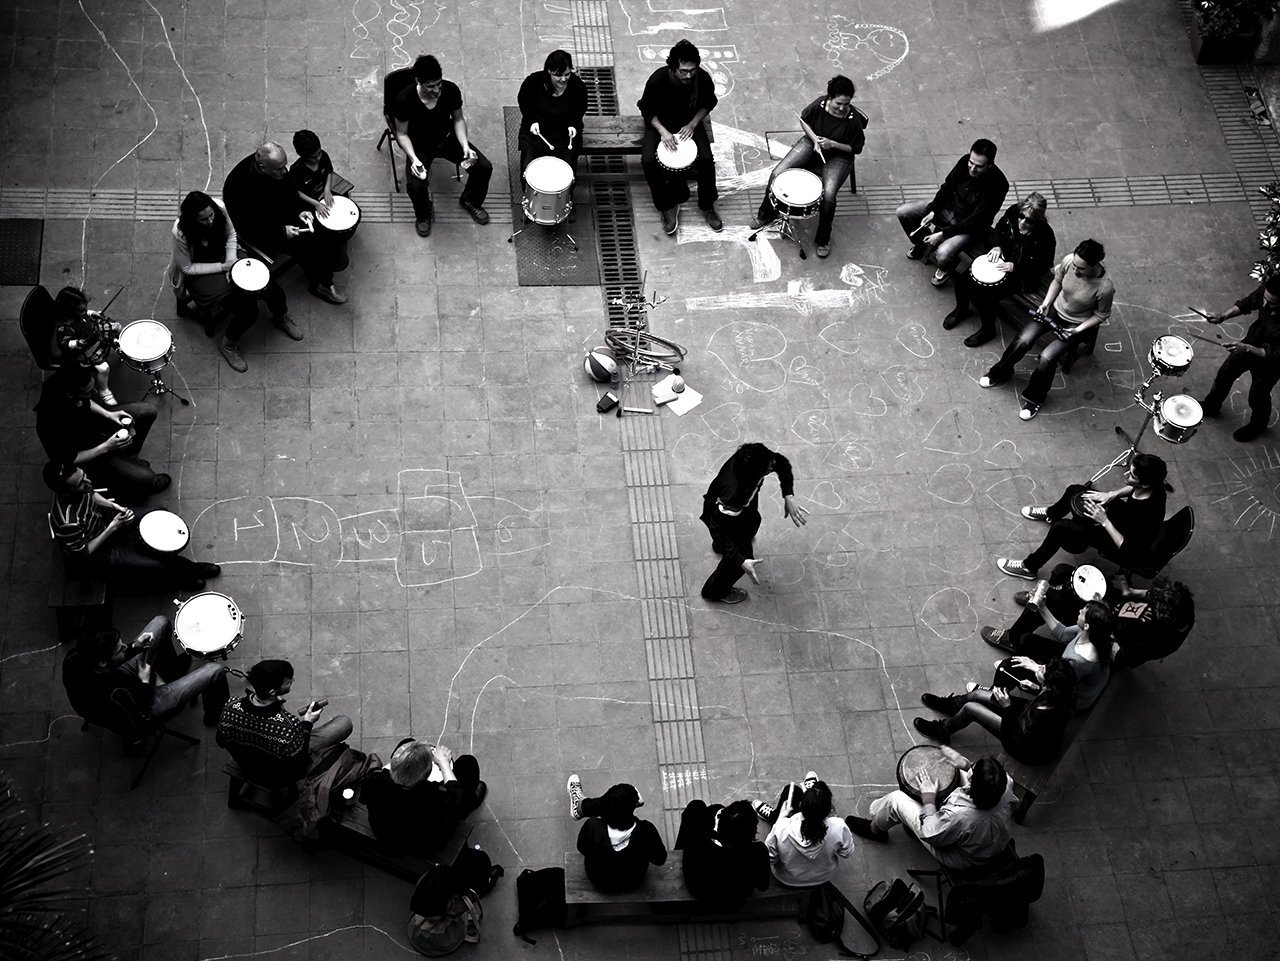 Drum circle team building activity